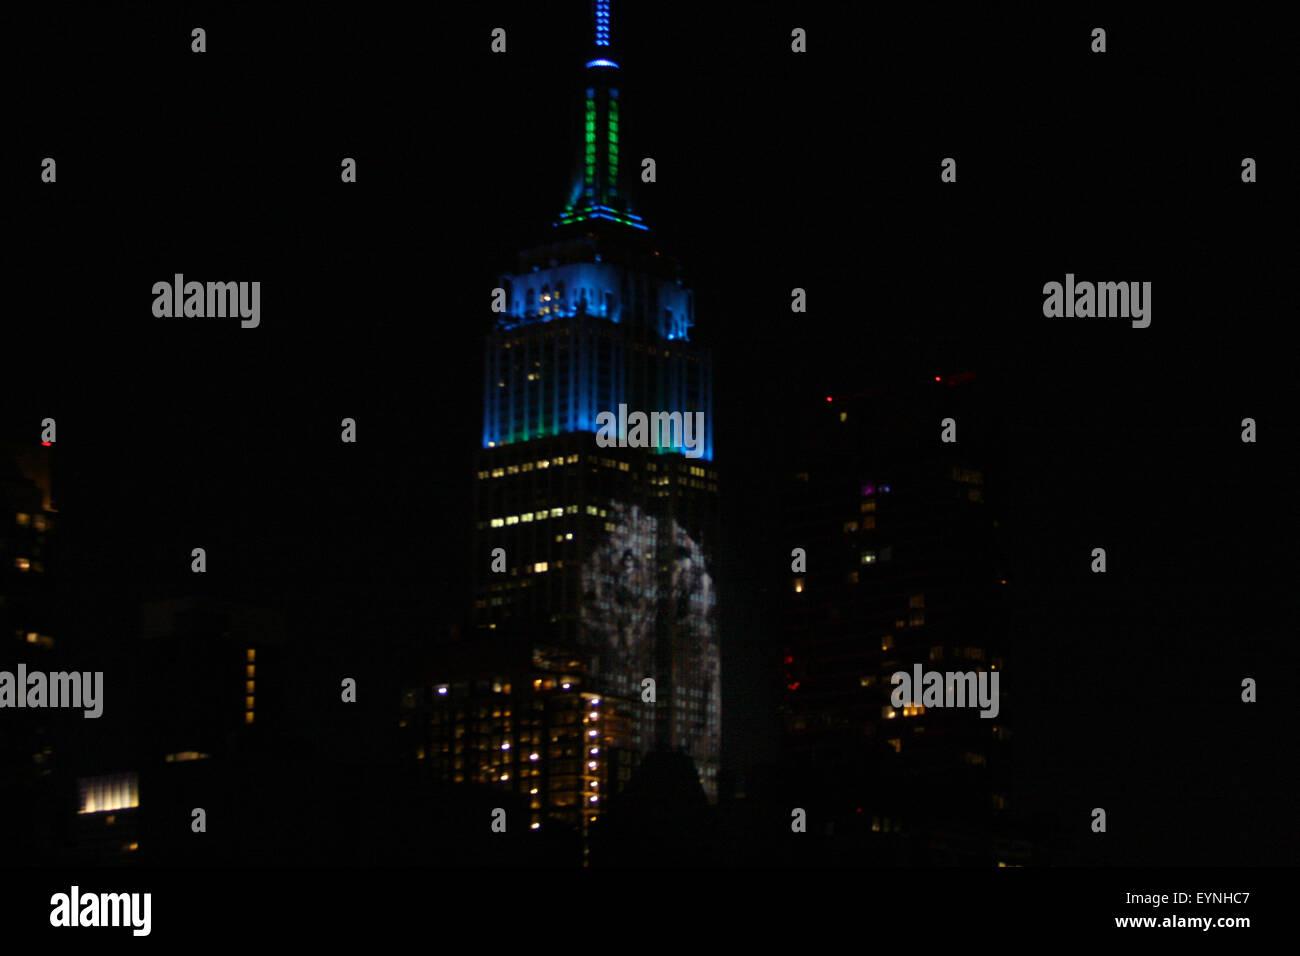 La Ciudad de Nueva York, EE.UU.. 1 de agosto de 2015. Las imágenes digitales de las especies amenazadas se Imagen De Stock